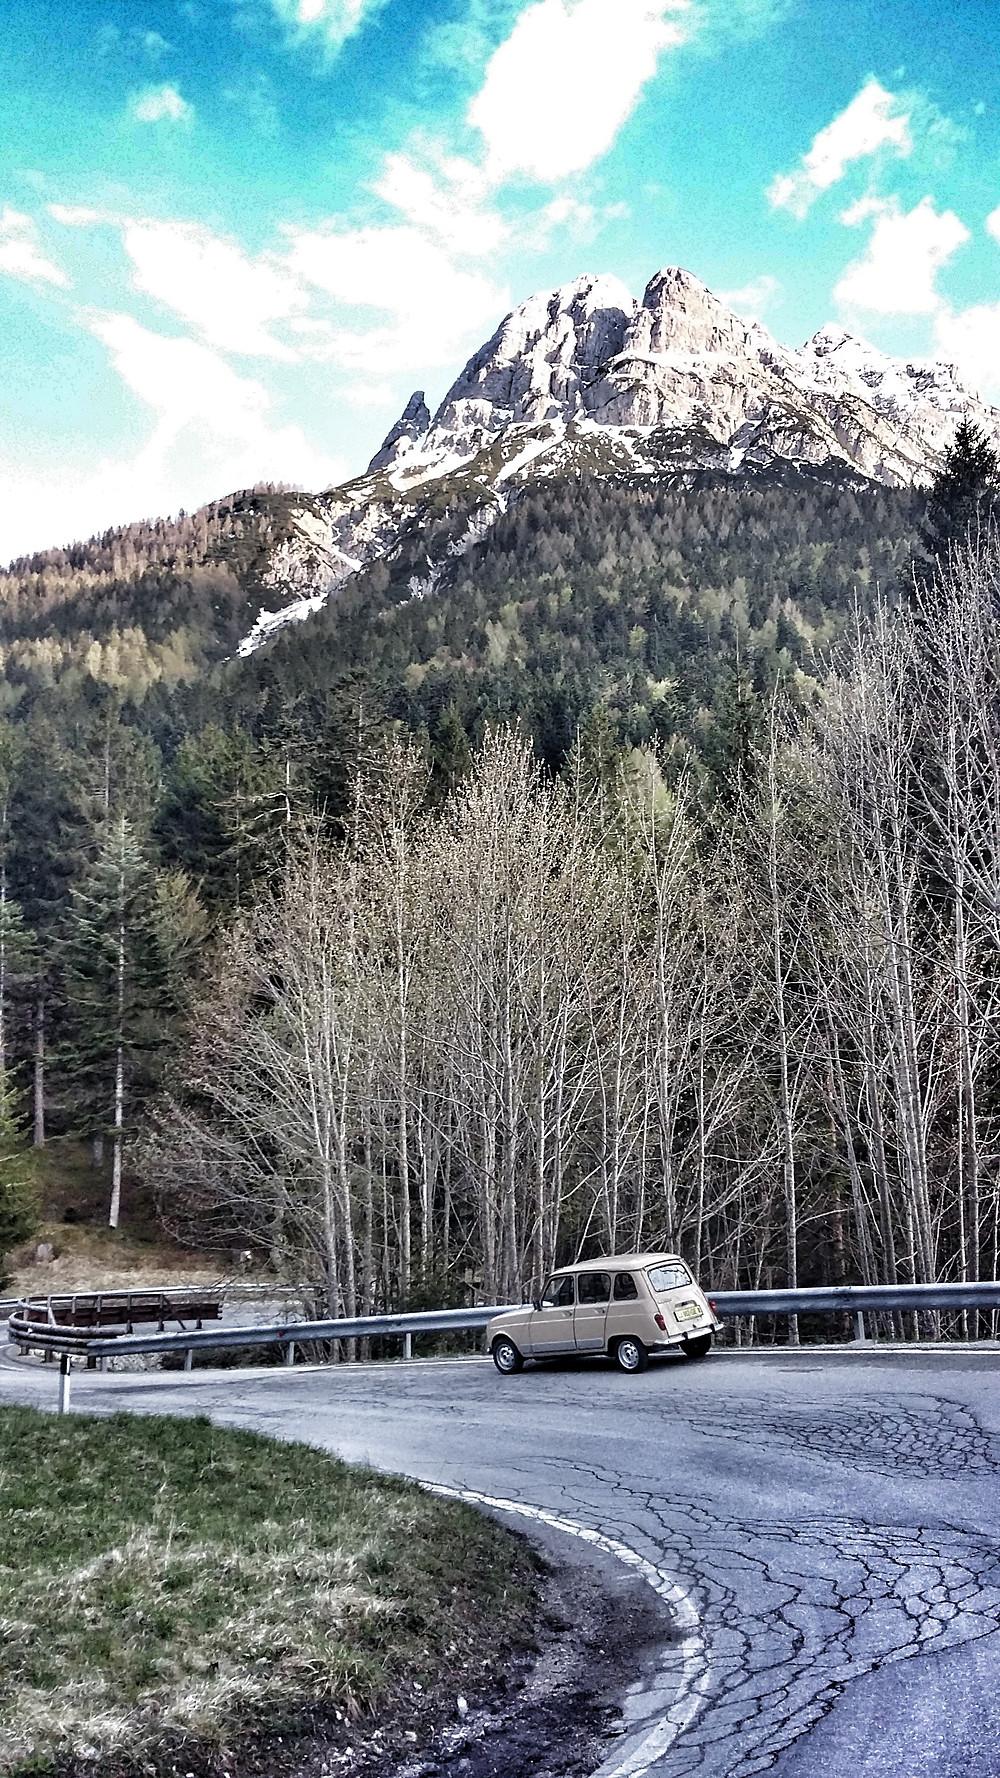 Renault 4 road trip